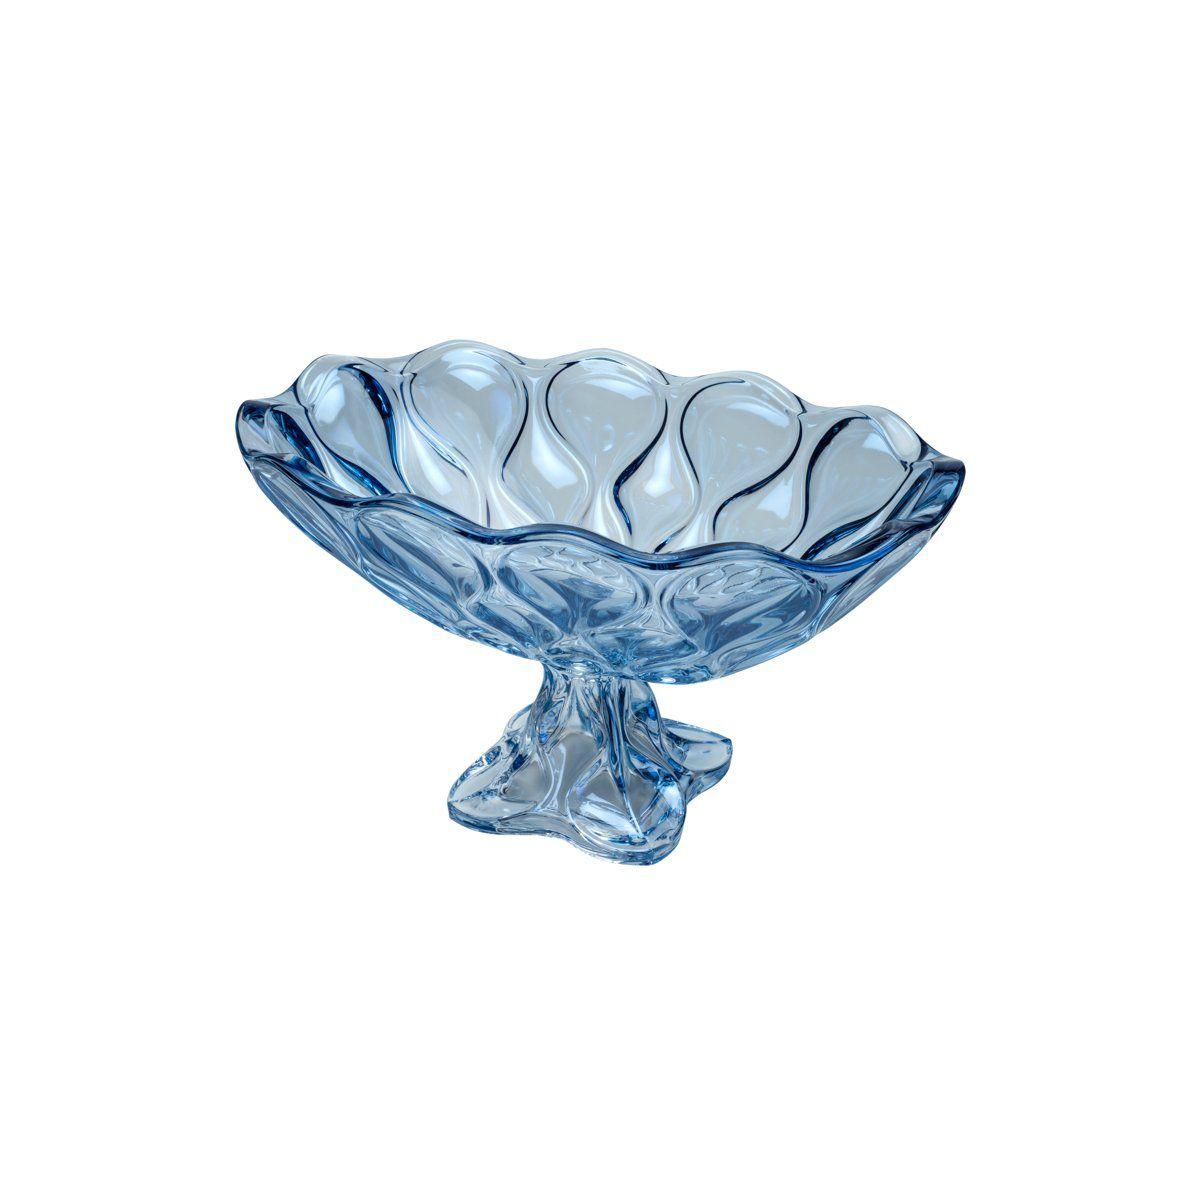 Centro de mesa, fruteira oval 37 x 22 cm de cristal azul com pé Safir Wolff - 26046